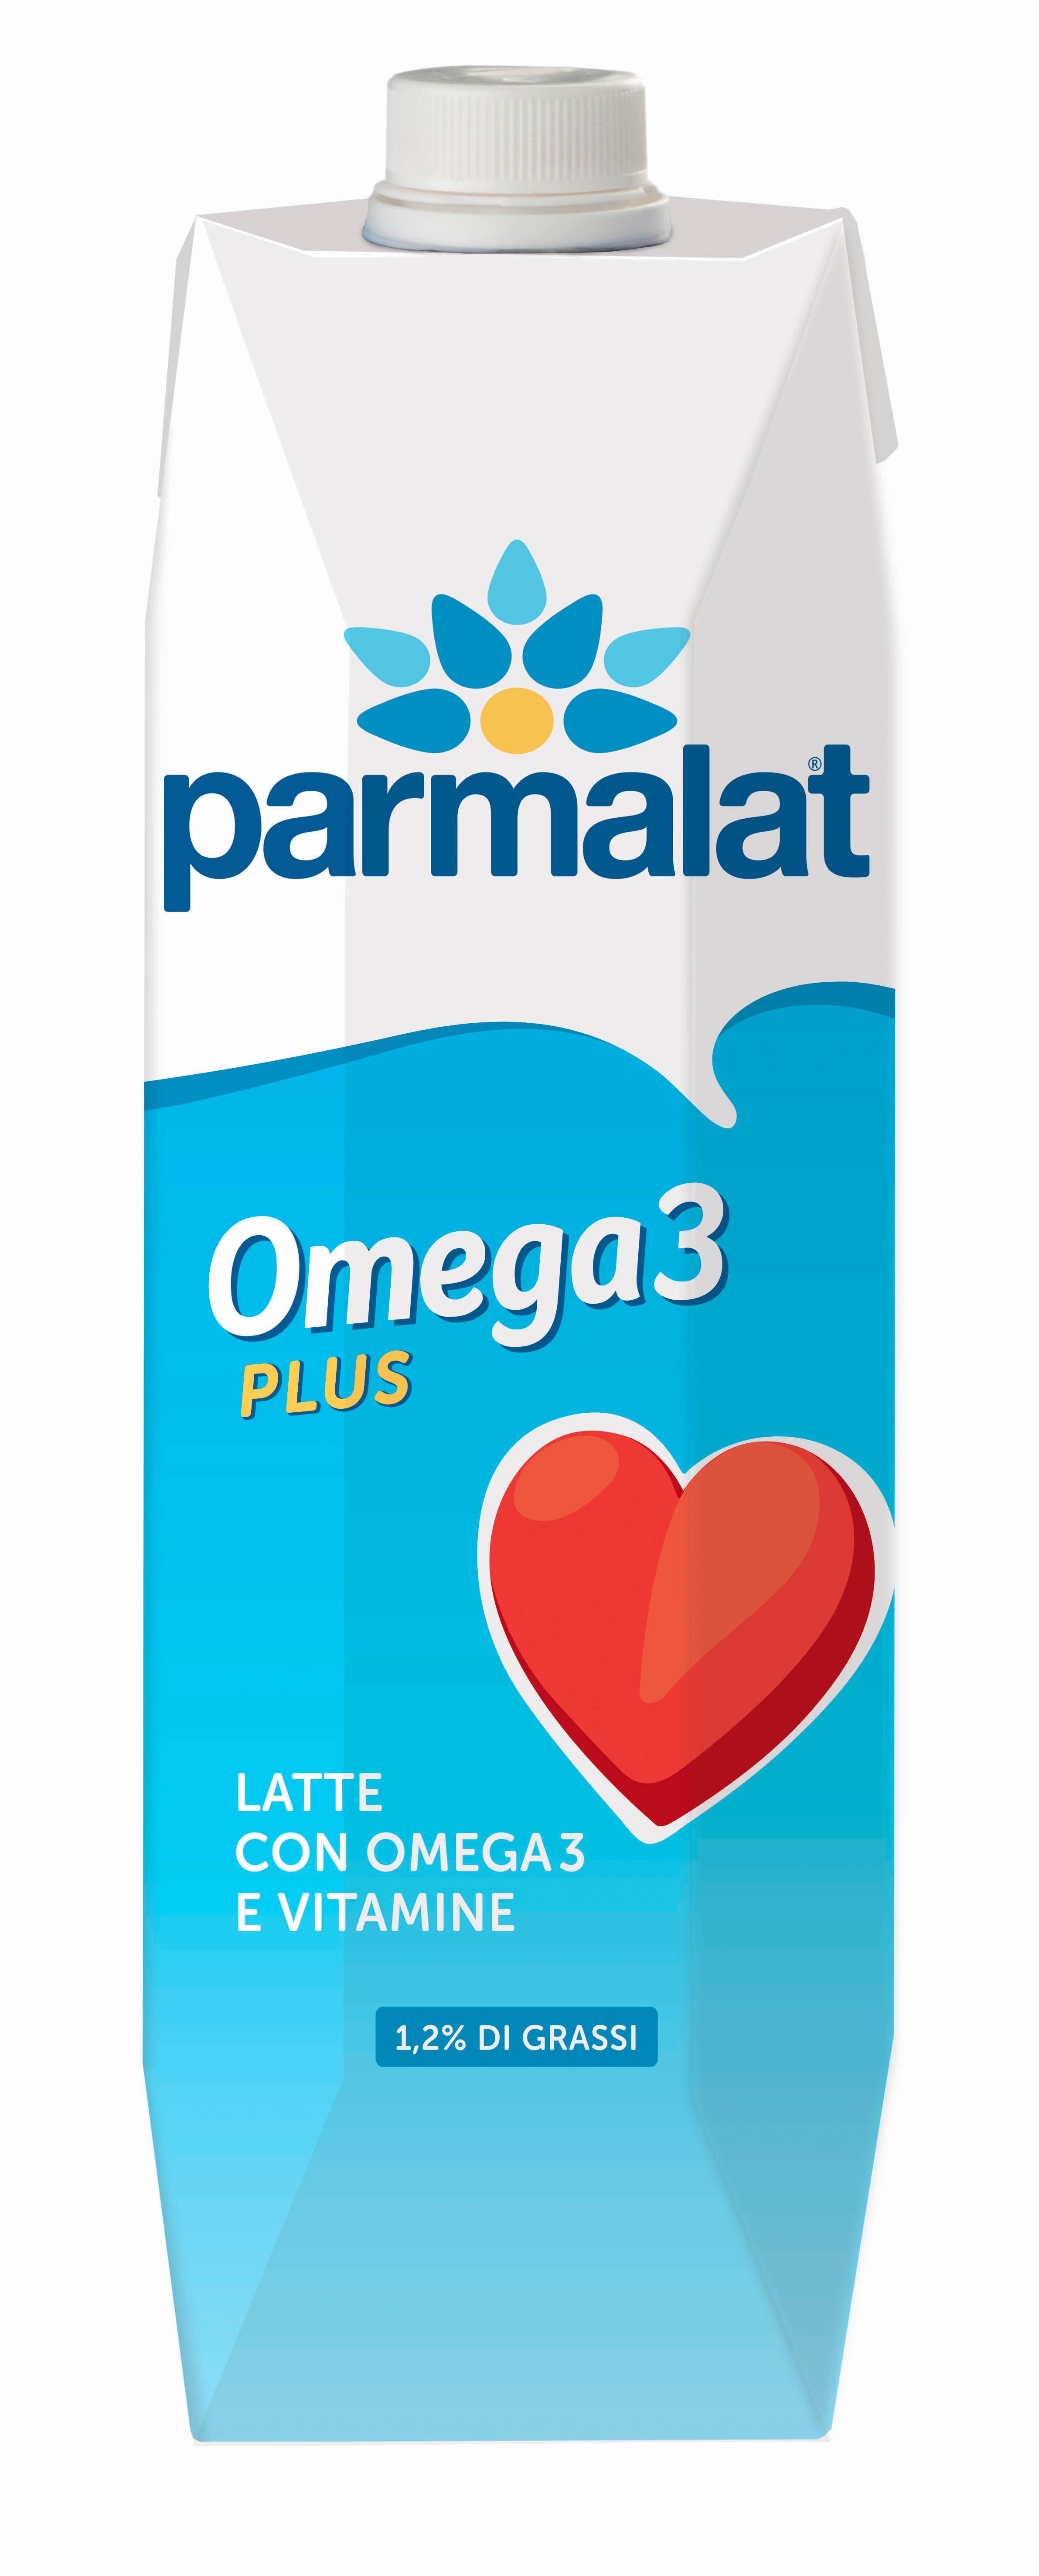 Latte Parmalat Omega 3 Plus